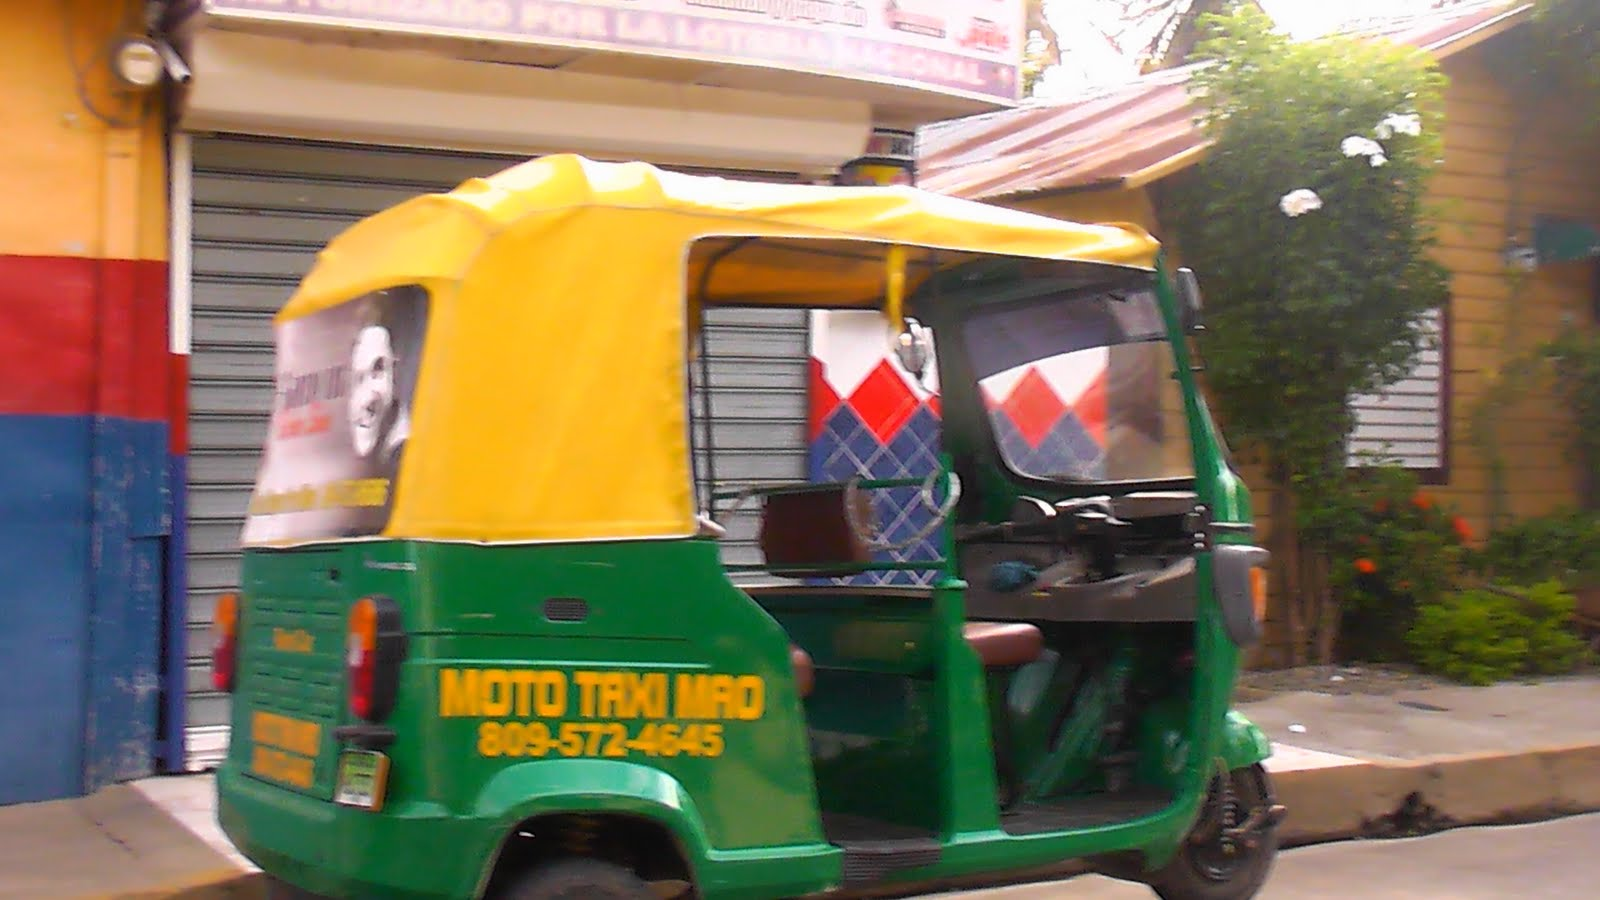 moto taxi Desde este martes los mototaxis y los golfitaxis son considerados ilegales, pues no entraron dentro de los sistemas de movilidad que se publicaron en la ley.